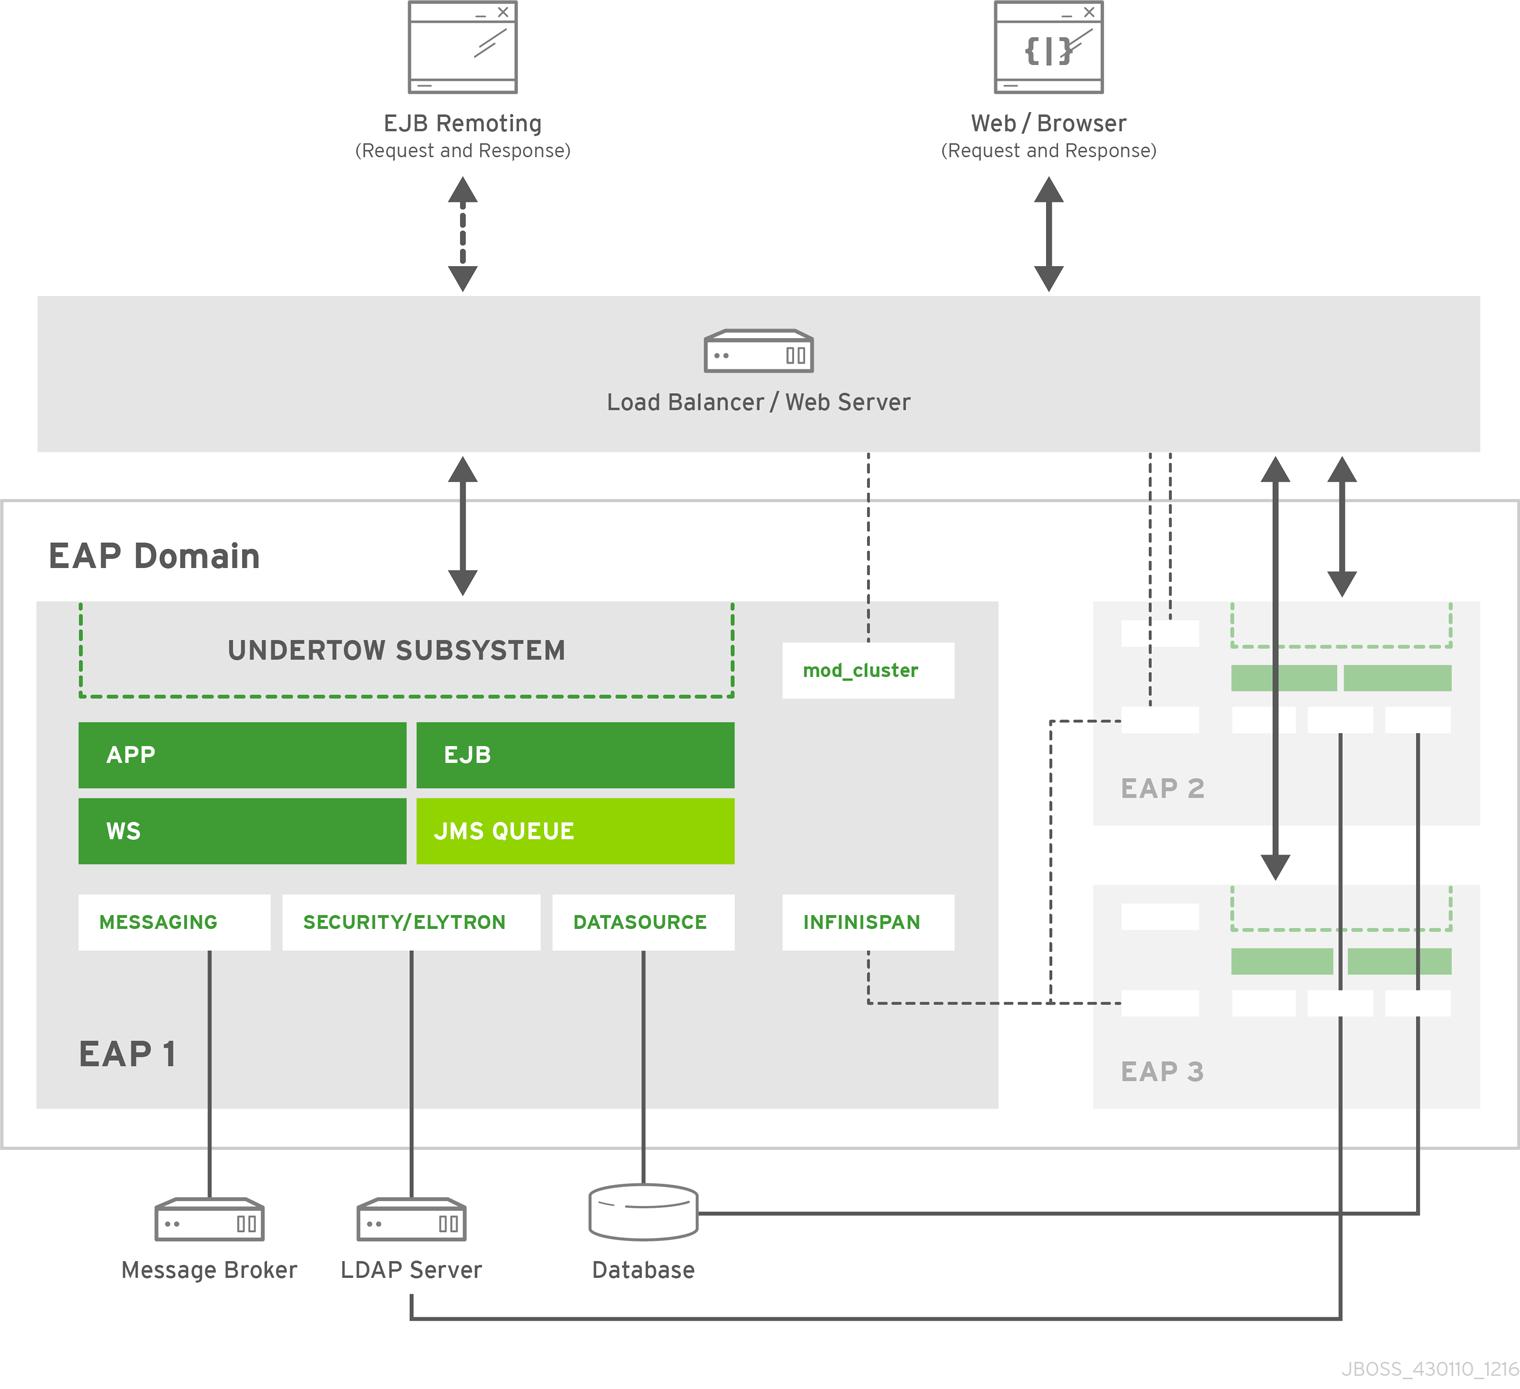 Image of a complex JBoss EAP setup